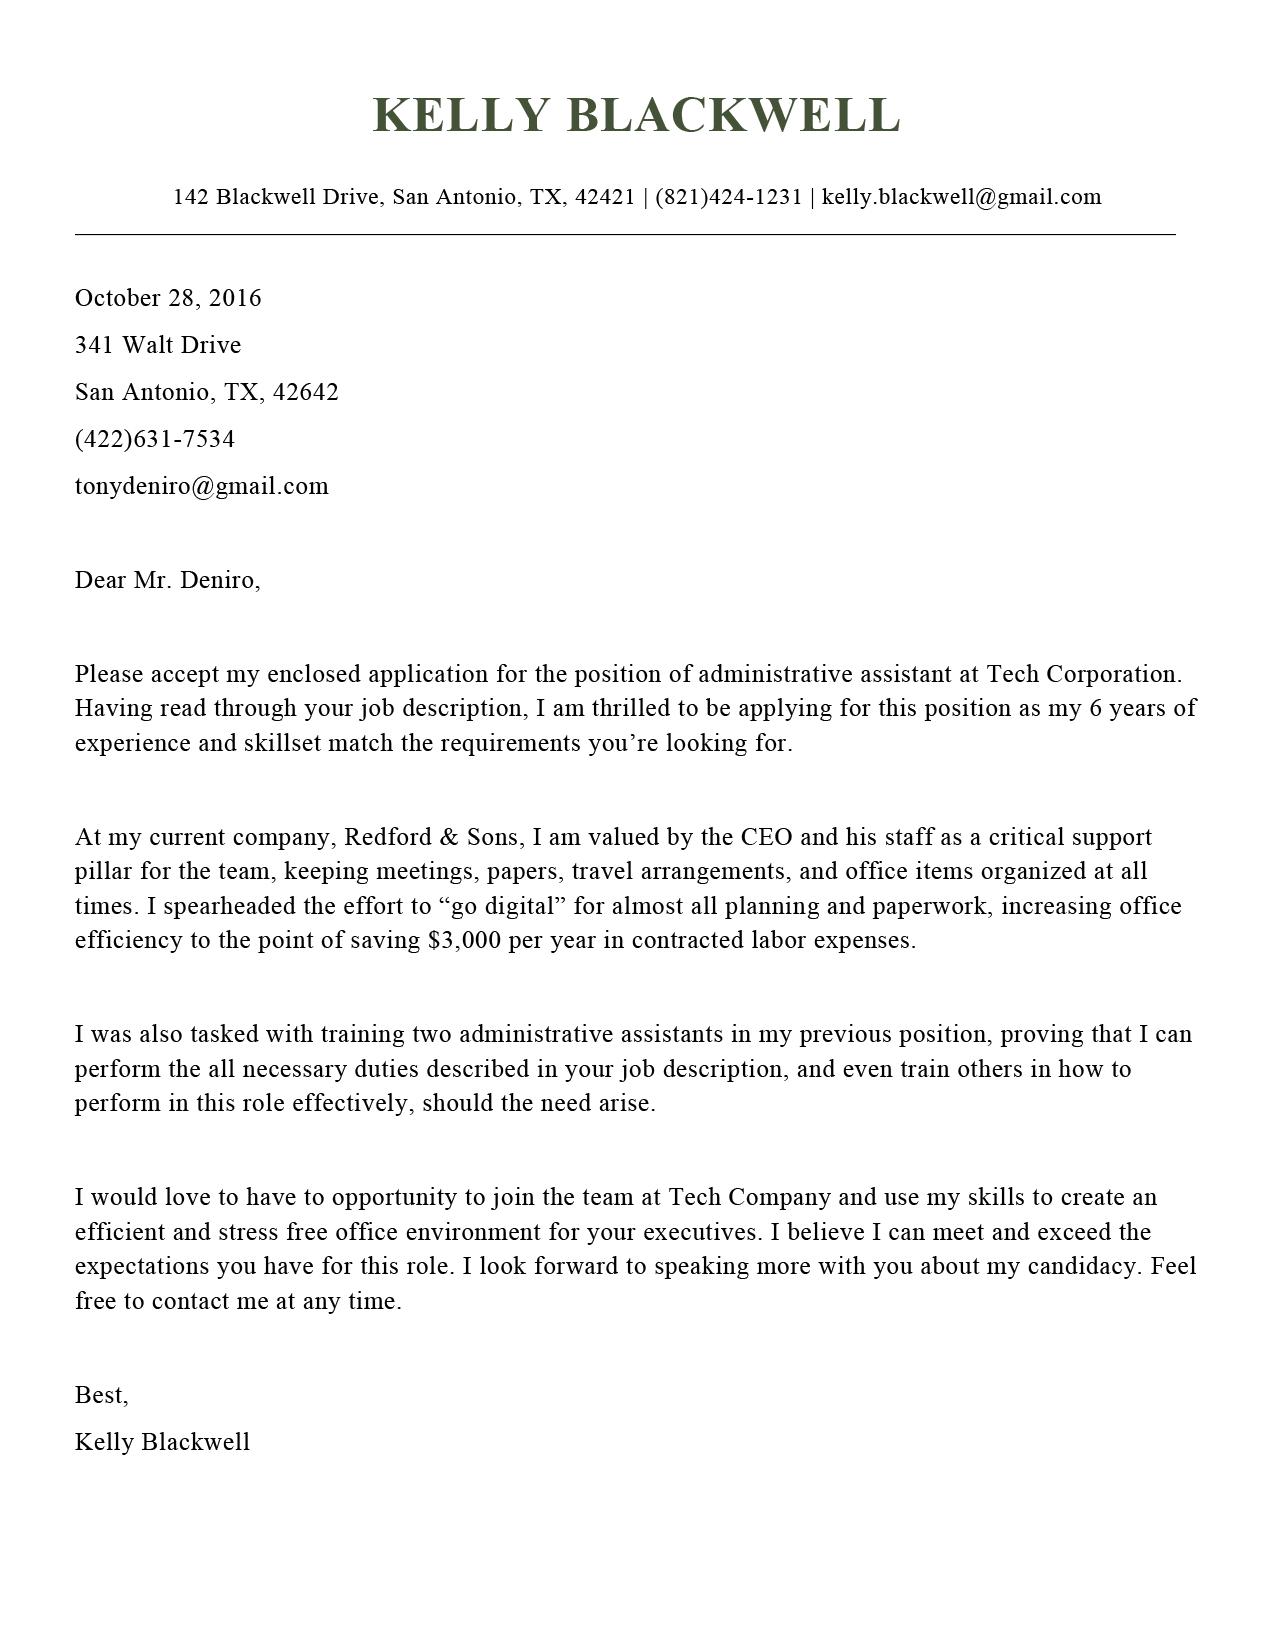 cover letter format online